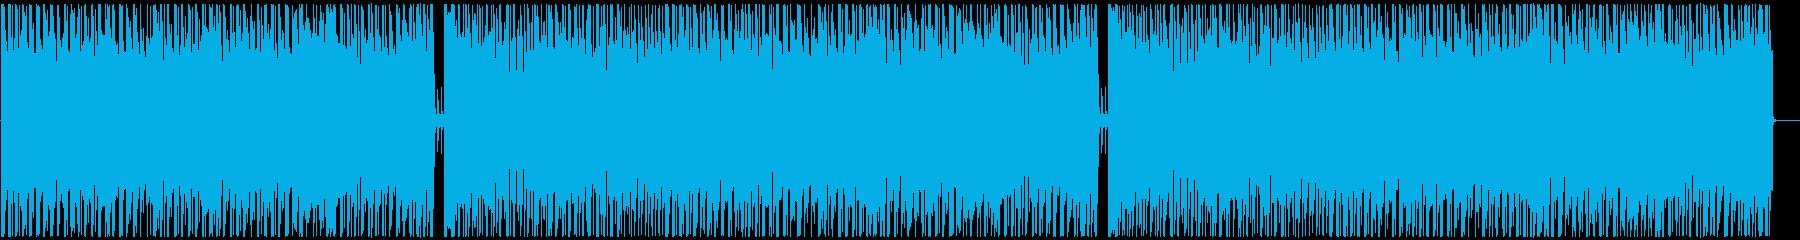 明るくキャッチーな4つ打ちPOPSの再生済みの波形